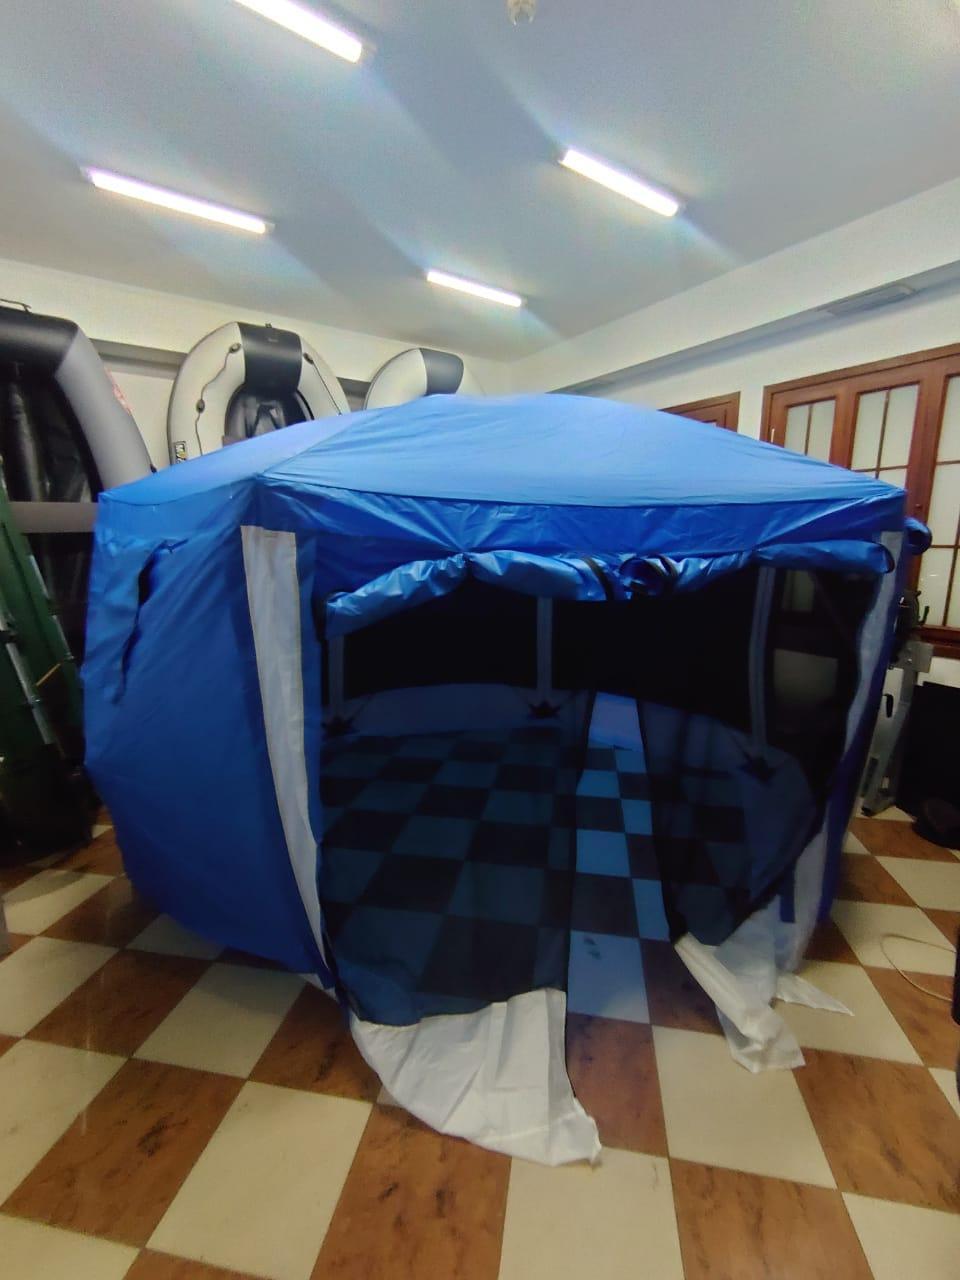 Шатер туристический Палатка БЕСЕДКА для охоты, рыбалки, тур похода Размеры 365*320*225 см - фото 5